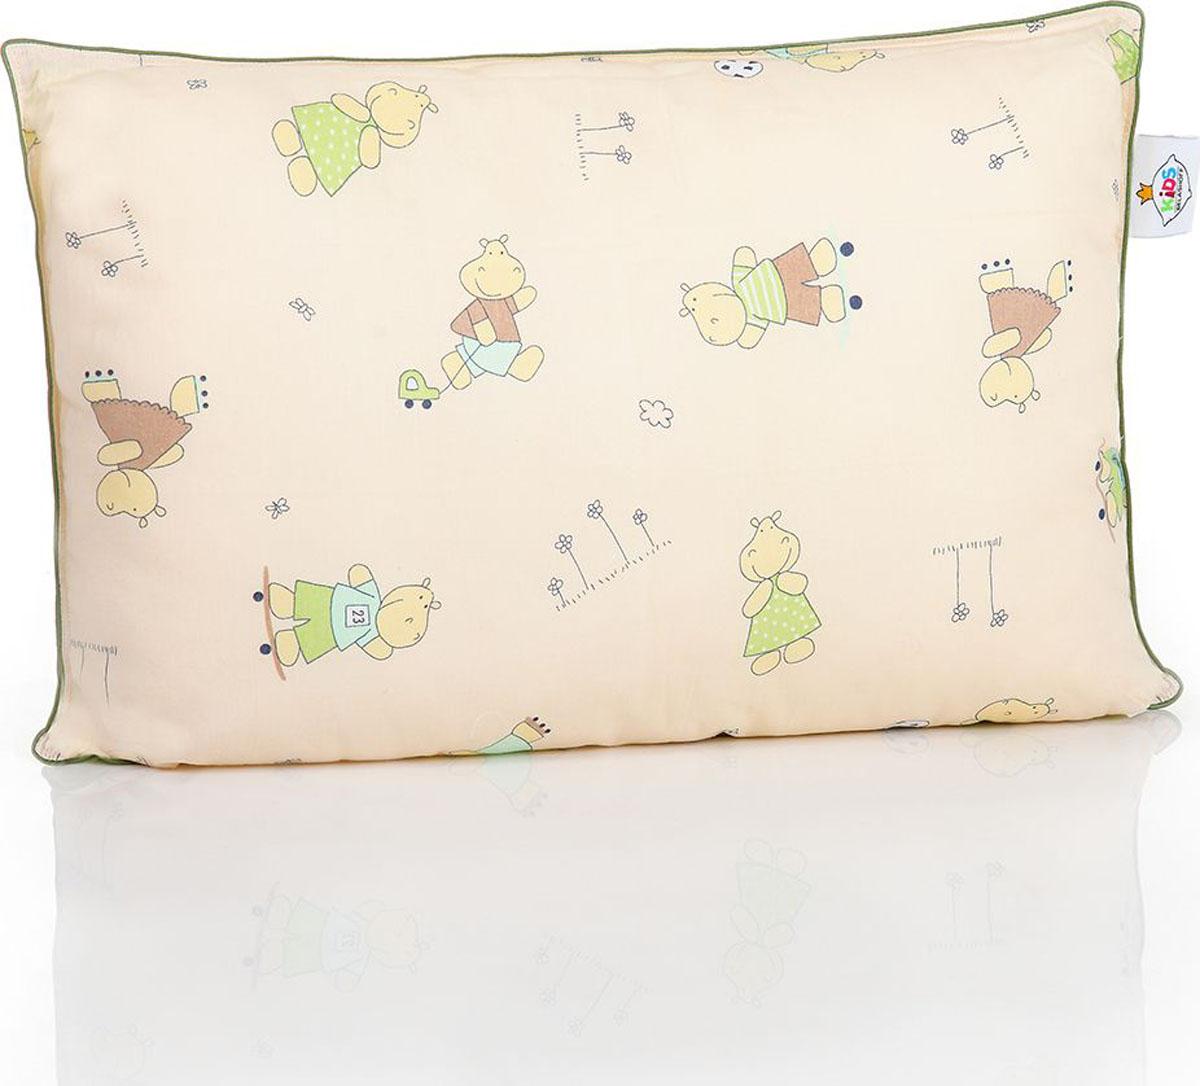 Belashoff Kids Подушка детская Наша Умничка цвет бежевый зеленый 40 x 60 смКЛП2Коллекция Наша Умничка – разнообразные продукты для ярких детских снов!Снаружи – хлопковая ткань с забавными рисунками нежных расцветок. Ткань с подобранным компаньоном делают принадлежности для сна веселыми и красивыми. Для самых красочных и радостных детских снов.Внутри – Лебяжий пух – наполнитель из тончайшего силиконизированного микроволокна высокого качества. Он нежный, мягкий и упругий одновременно. Безопасен для детей и не вызывает аллергии.